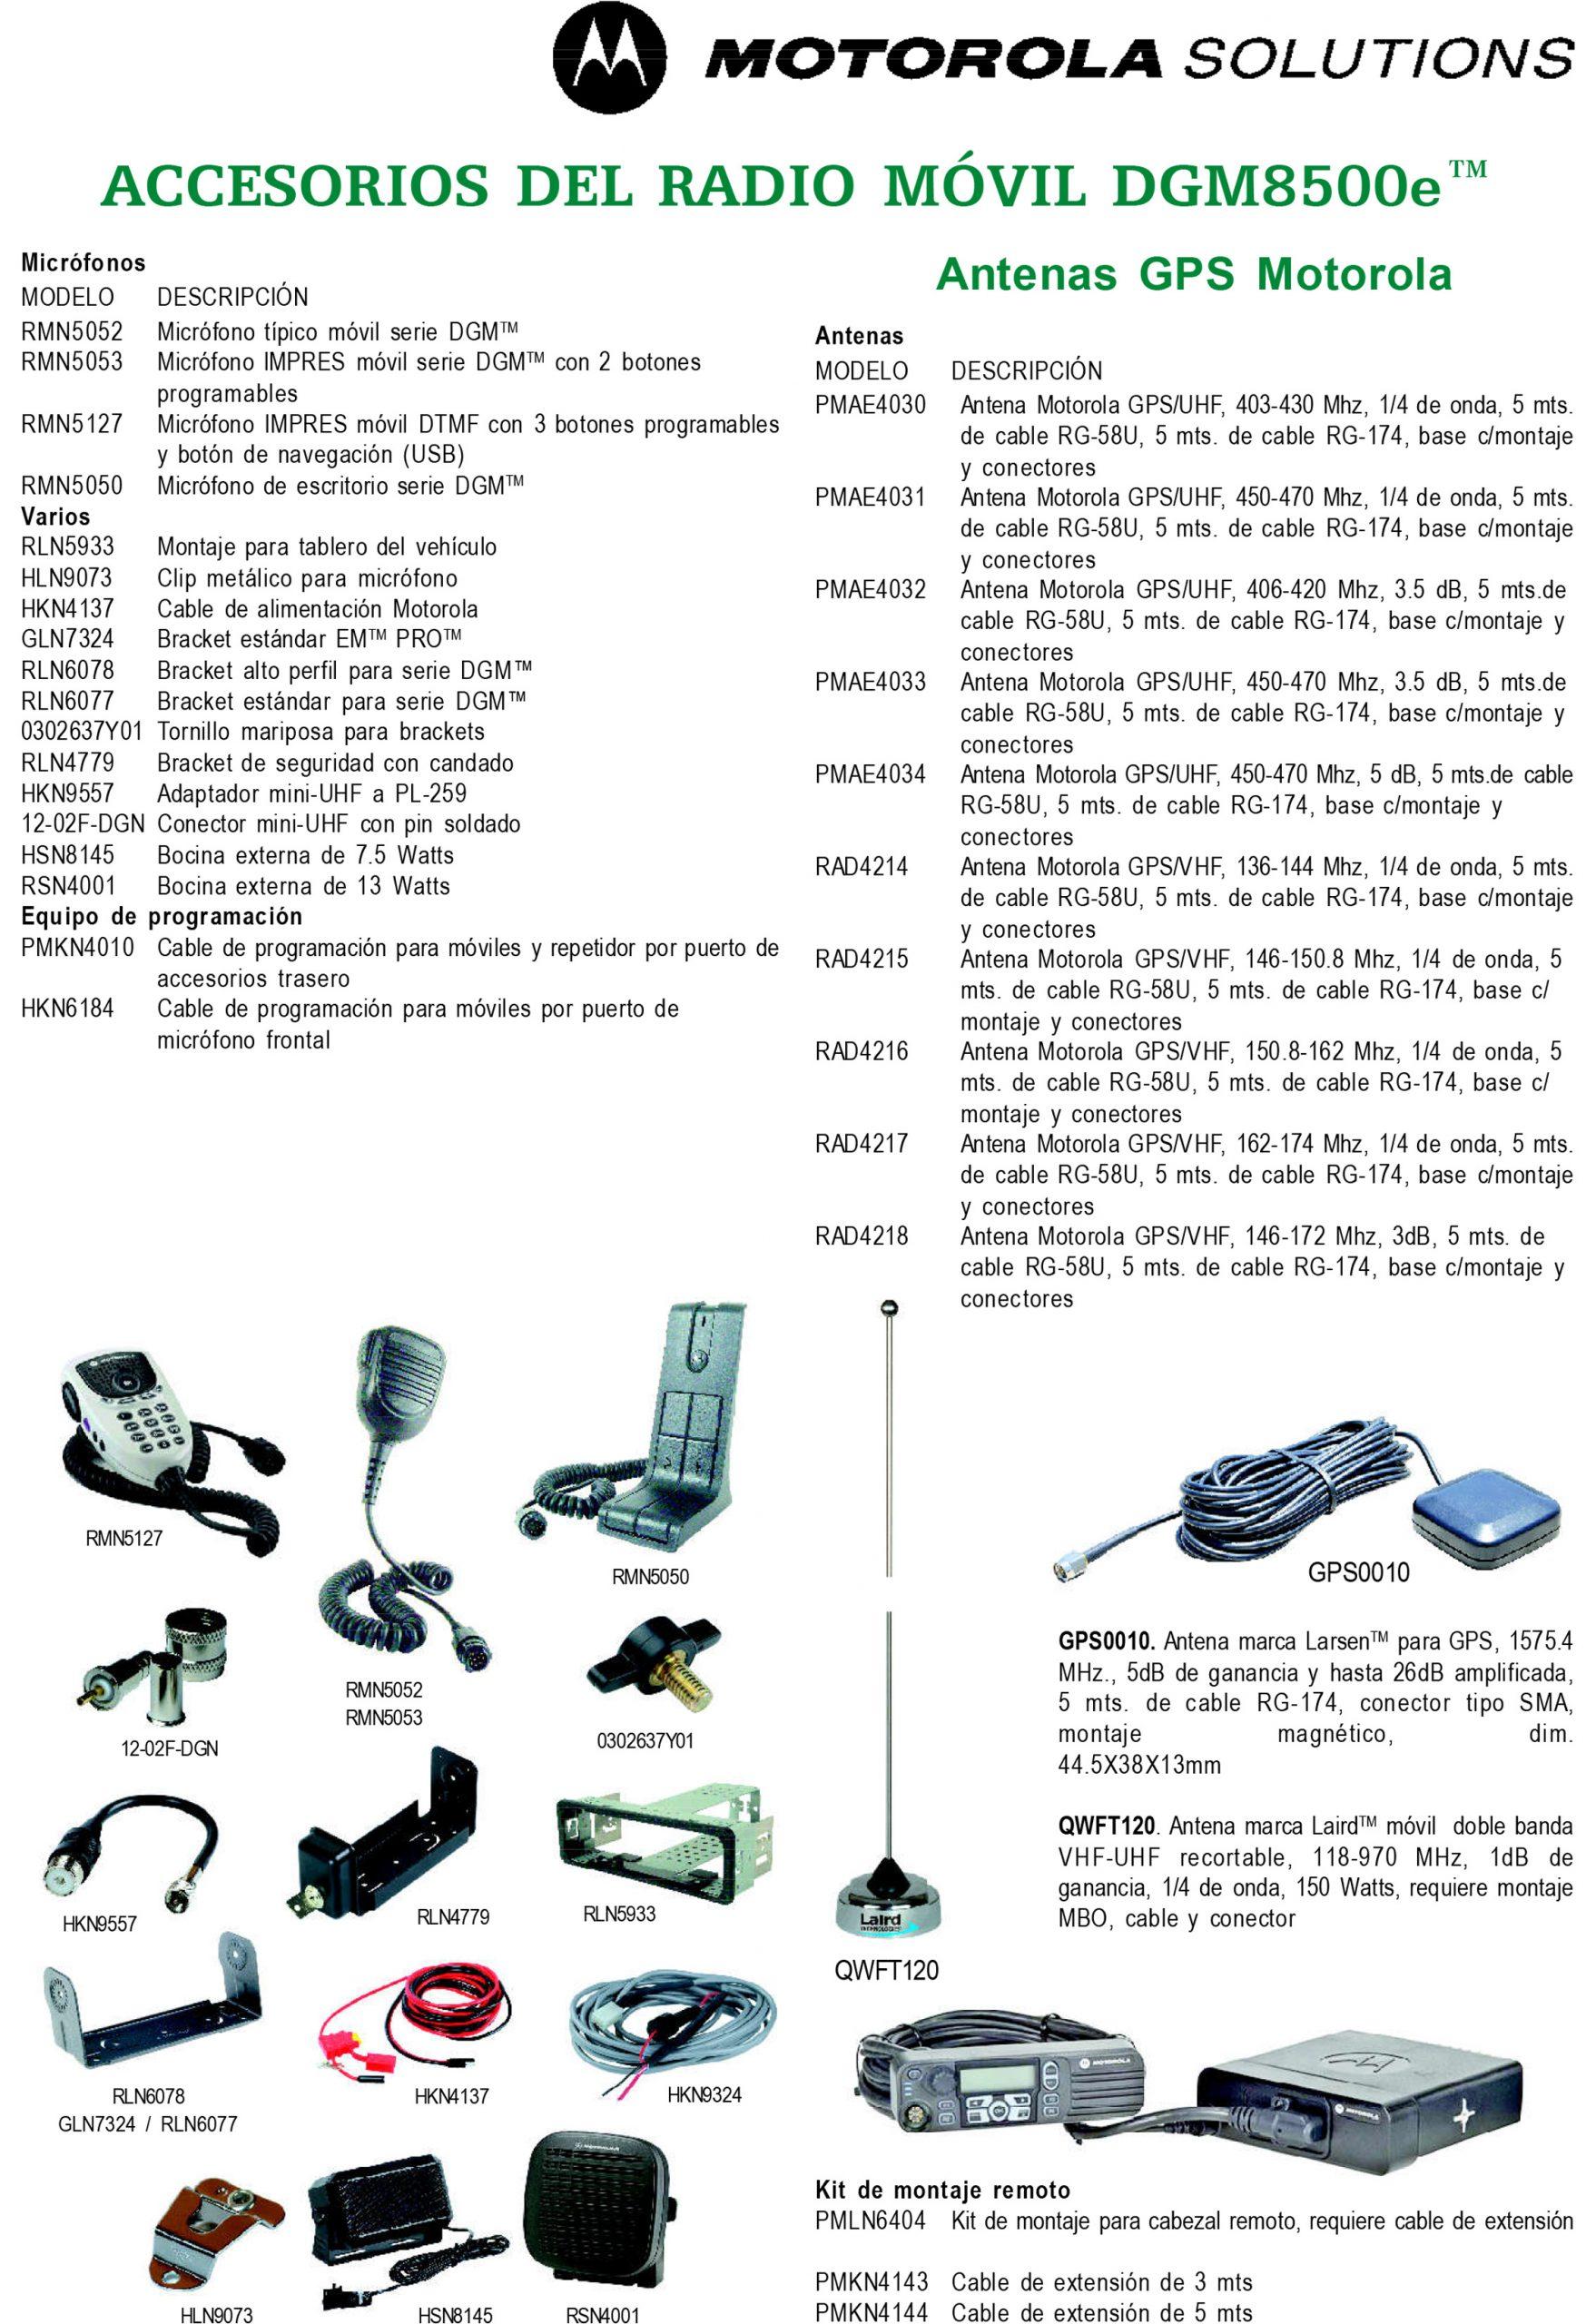 accesorios dgm8500e